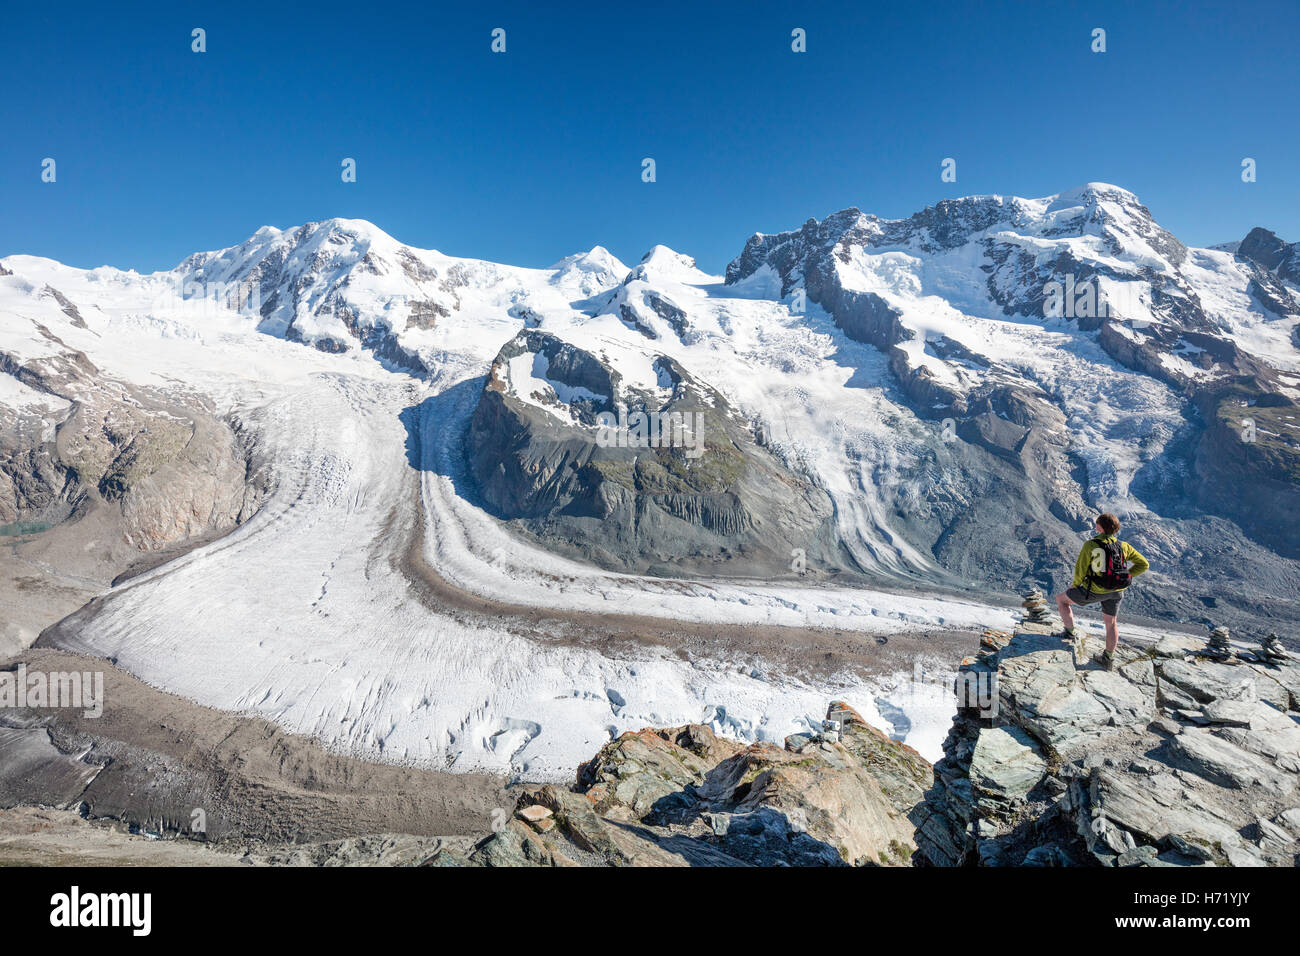 Escursionista guardando oltre il Gorner Glacier e il Monte Rosa dal Gornergrat. Zermatt, Pennine, Vallese, Svizzera. Immagini Stock